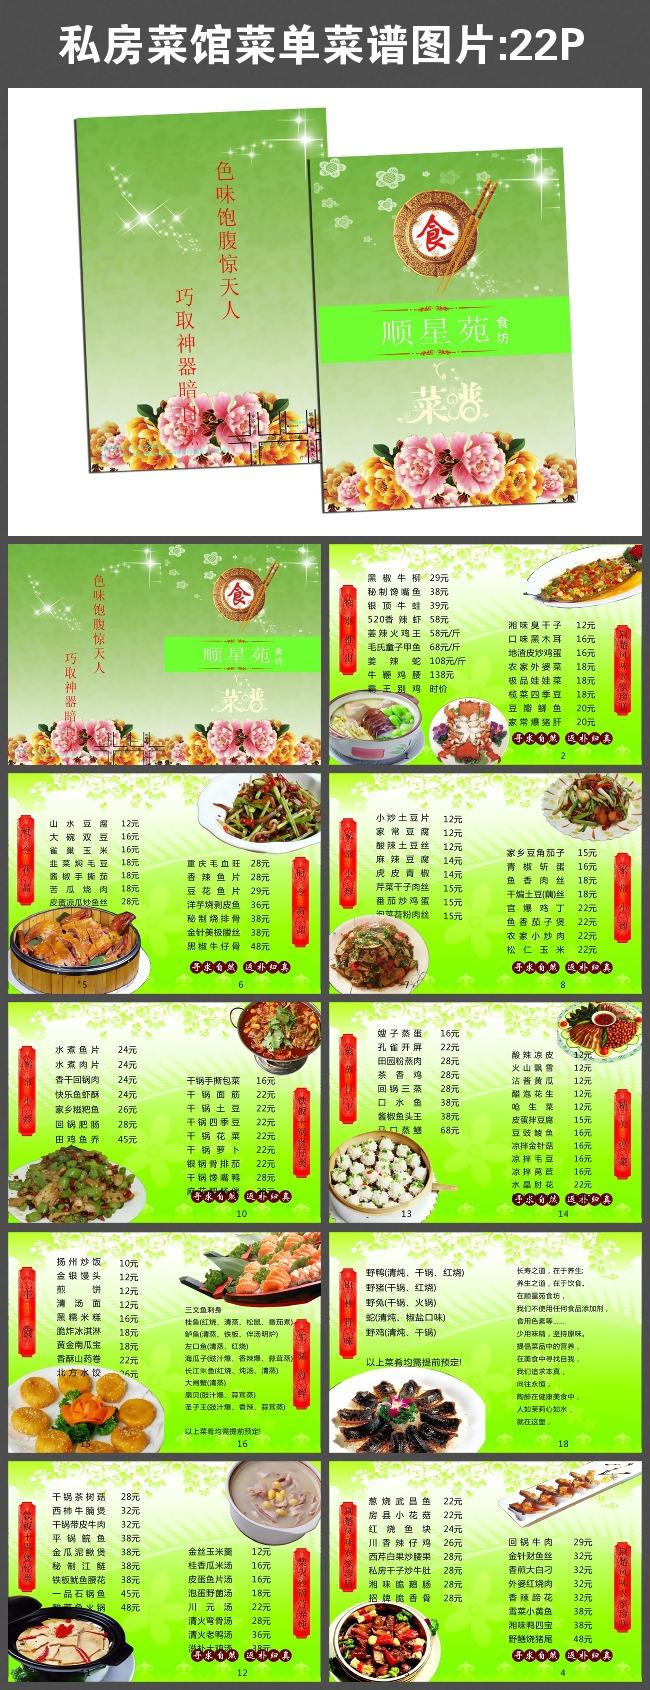 我图网提供精品流行 私房菜馆菜单菜谱图片素材 下载,作品模板源文件可以编辑替换,设计作品简介: 私房菜馆菜单菜谱图片, 模式:RGB格式高清大图, 使用软件为软件: CorelDRAW (.CDR) 私房菜馆菜单菜谱 精美菜谱